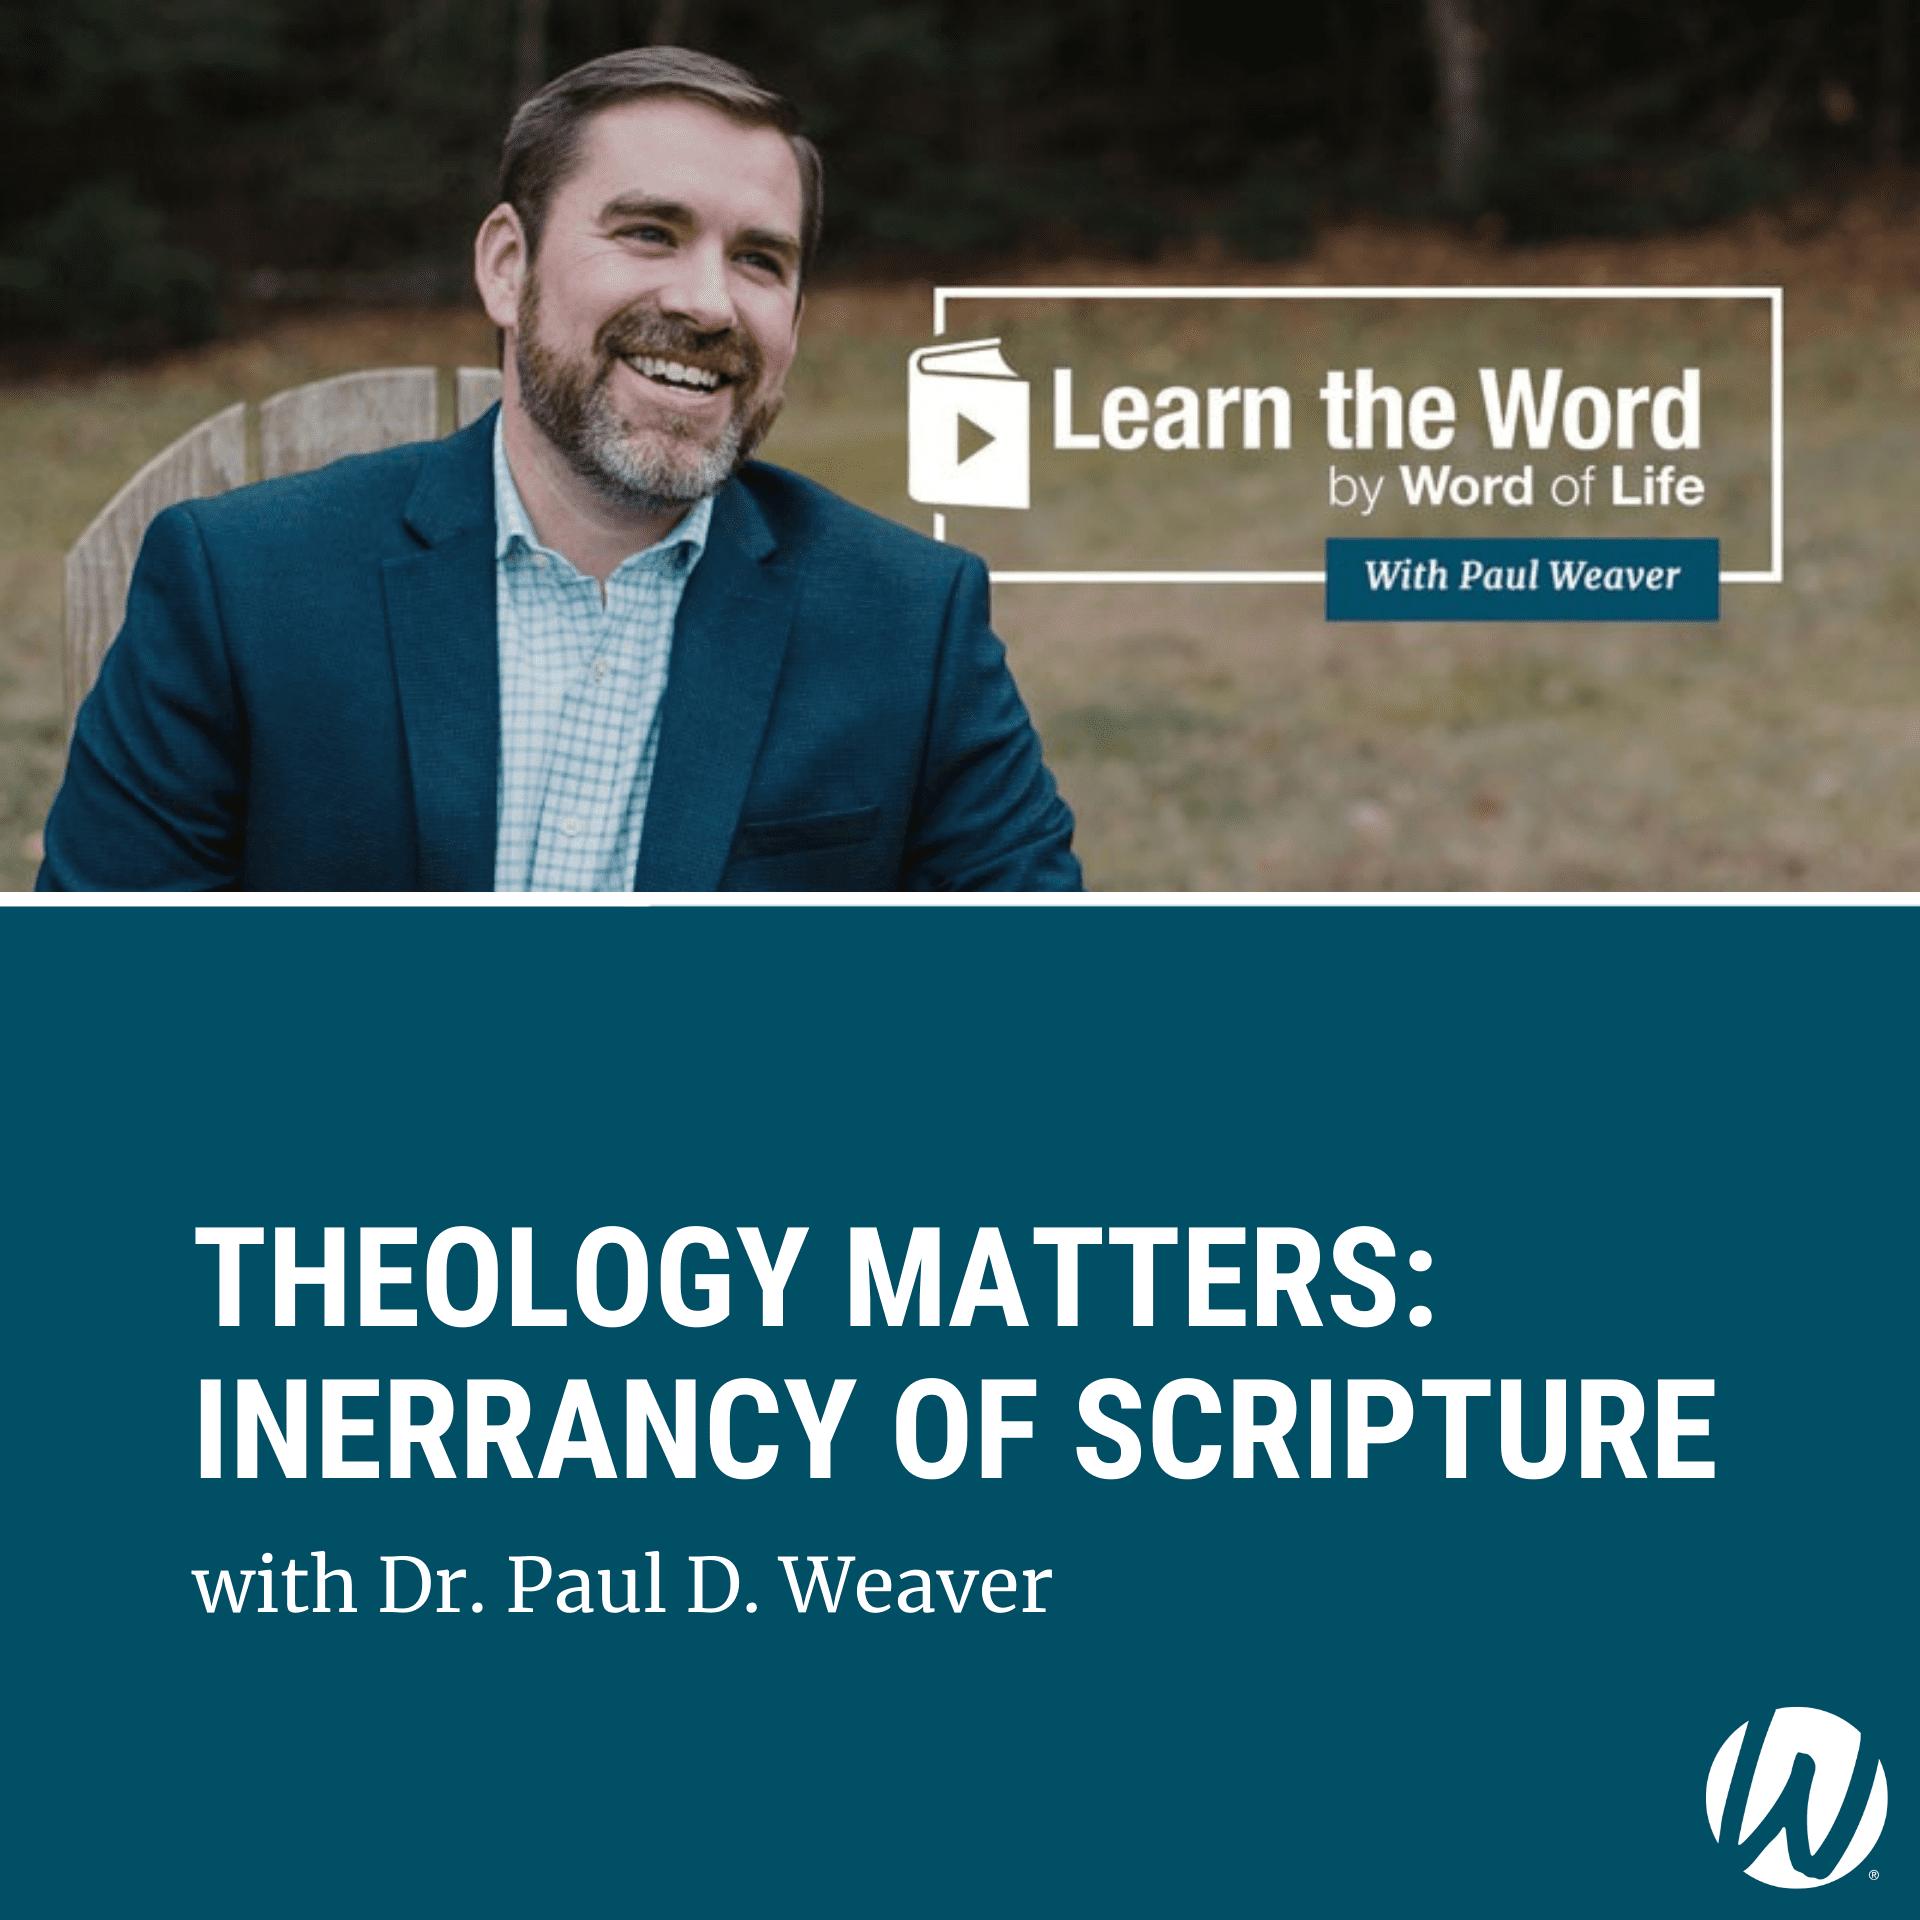 LTW170 - Theology Matters: Inerrancy of Scripture